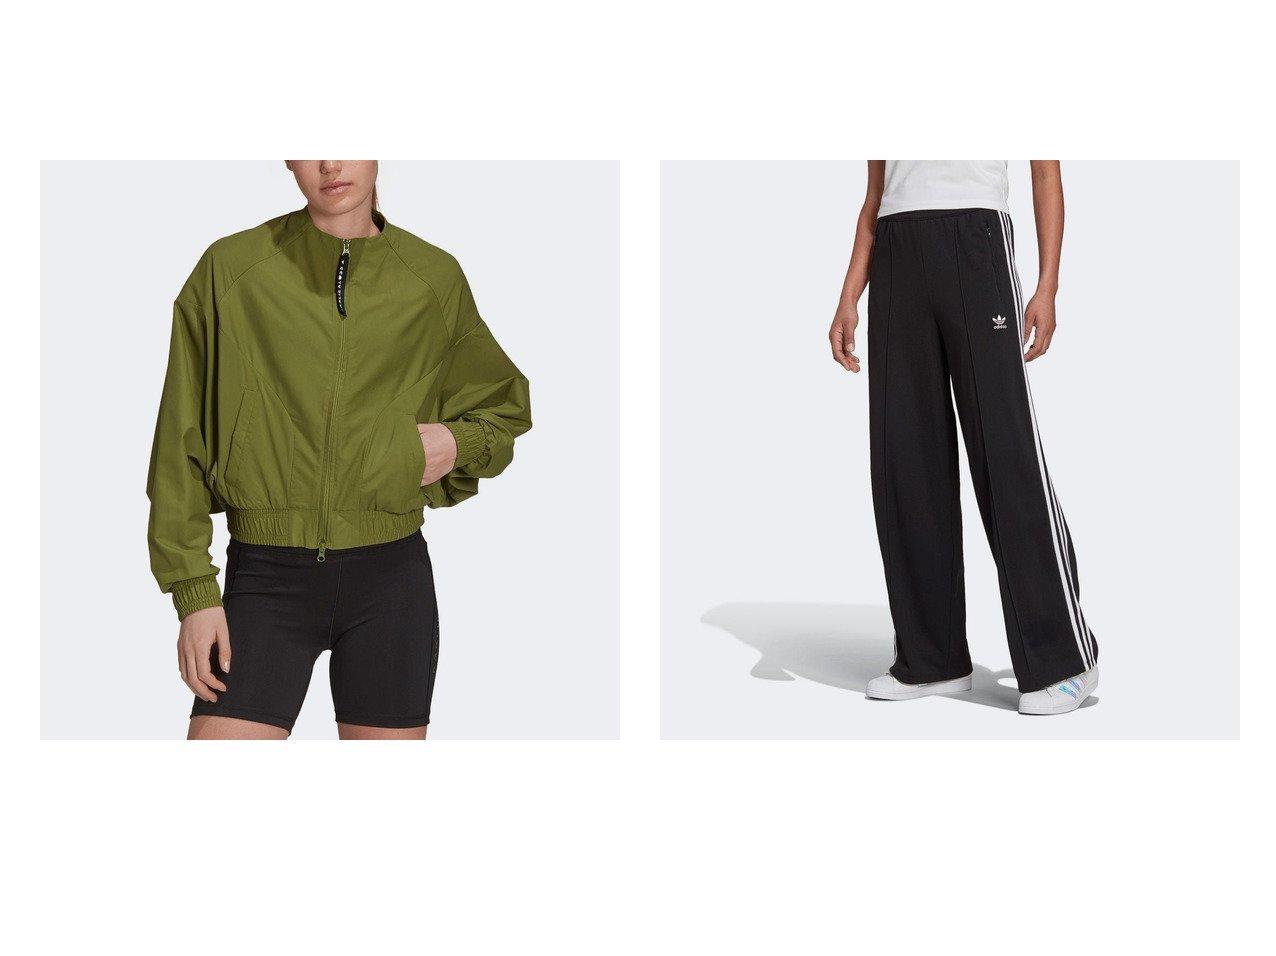 【adidas/アディダス】のカーリー クロス カバーアップ ジャケット Karlie Kloss Cover-Up Jacket&アディカラー クラシックス トラックパンツ おすすめ!人気、トレンド・レディースファッションの通販 おすすめで人気の流行・トレンド、ファッションの通販商品 インテリア・家具・メンズファッション・キッズファッション・レディースファッション・服の通販 founy(ファニー) https://founy.com/ ファッション Fashion レディースファッション WOMEN アウター Coat Outerwear ジャケット Jackets パンツ Pants 2021年 2021 2021-2022秋冬・A/W AW・Autumn/Winter・FW・Fall-Winter・2021-2022 A/W・秋冬 AW・Autumn/Winter・FW・Fall-Winter ジャケット スタイリッシュ ポケット クラシック ダブル ドローコード フィット リラックス  ID:crp329100000059456